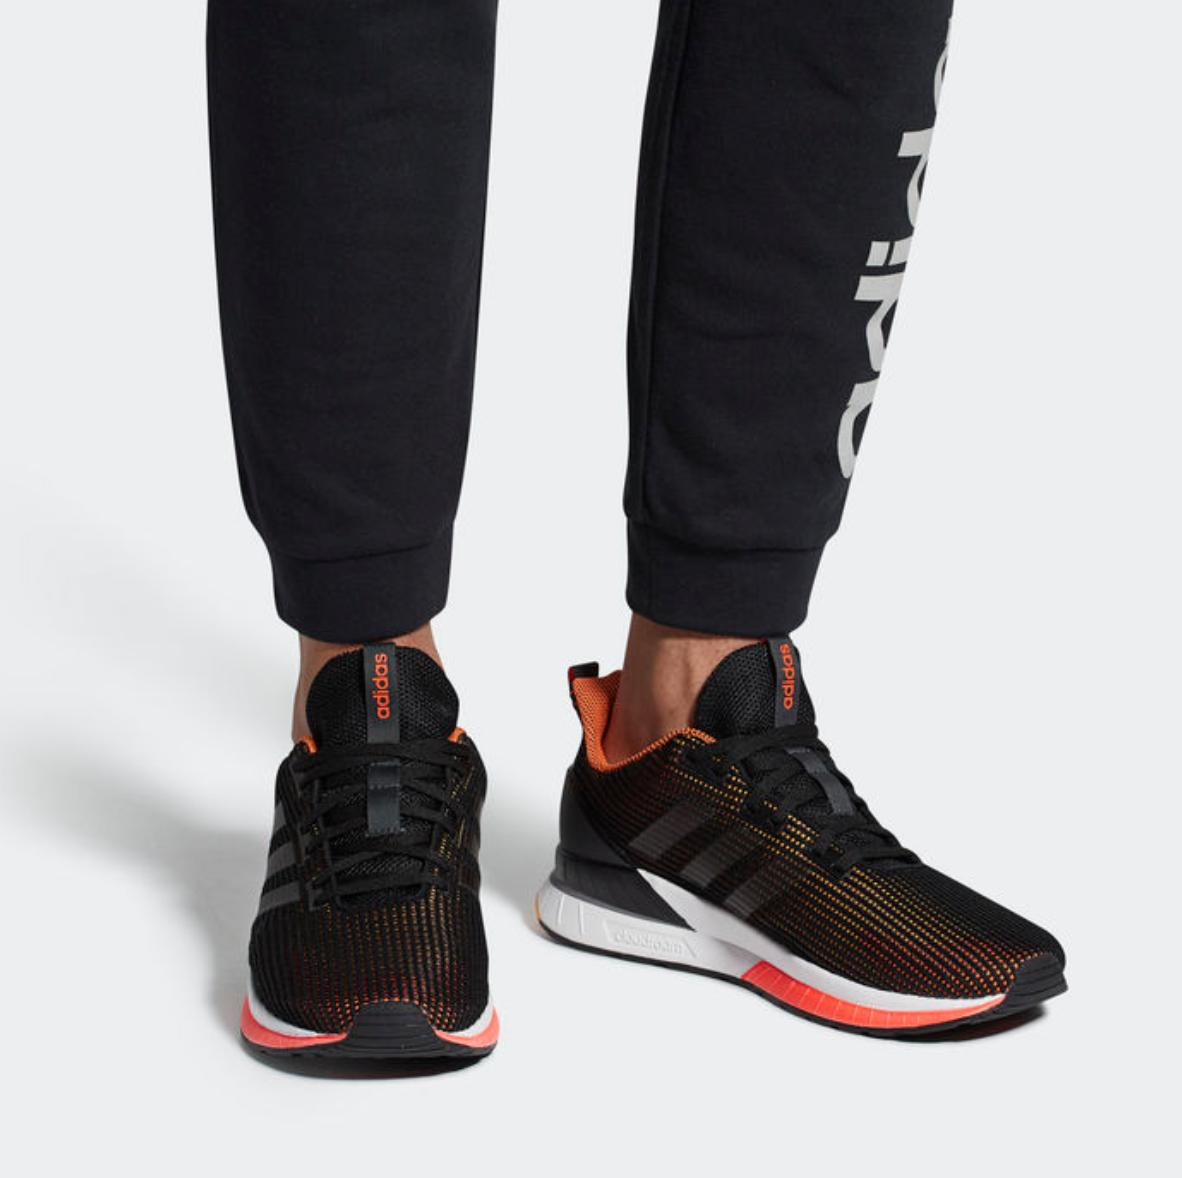 fed6c25d ... Adidas Questar TND TND TND para Hombre UE 40 2 3 Negro y Naranja Nuevo  Zapatos